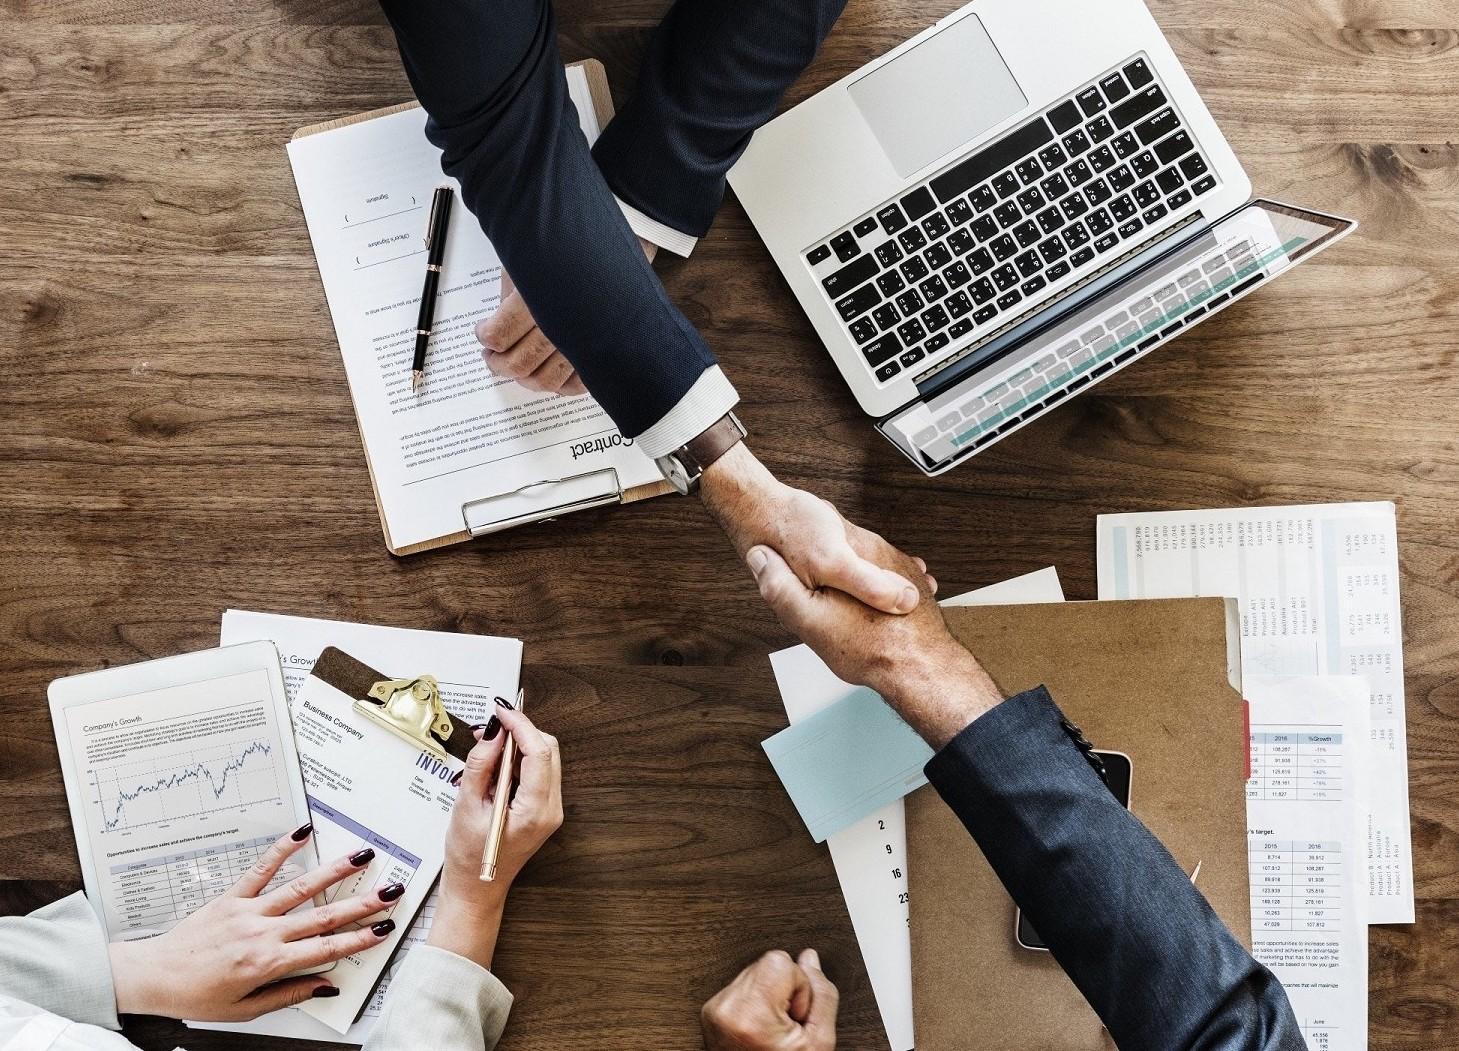 Aprire una Cooperativa nel 2020, tempi medi e quando si può iniziare attività